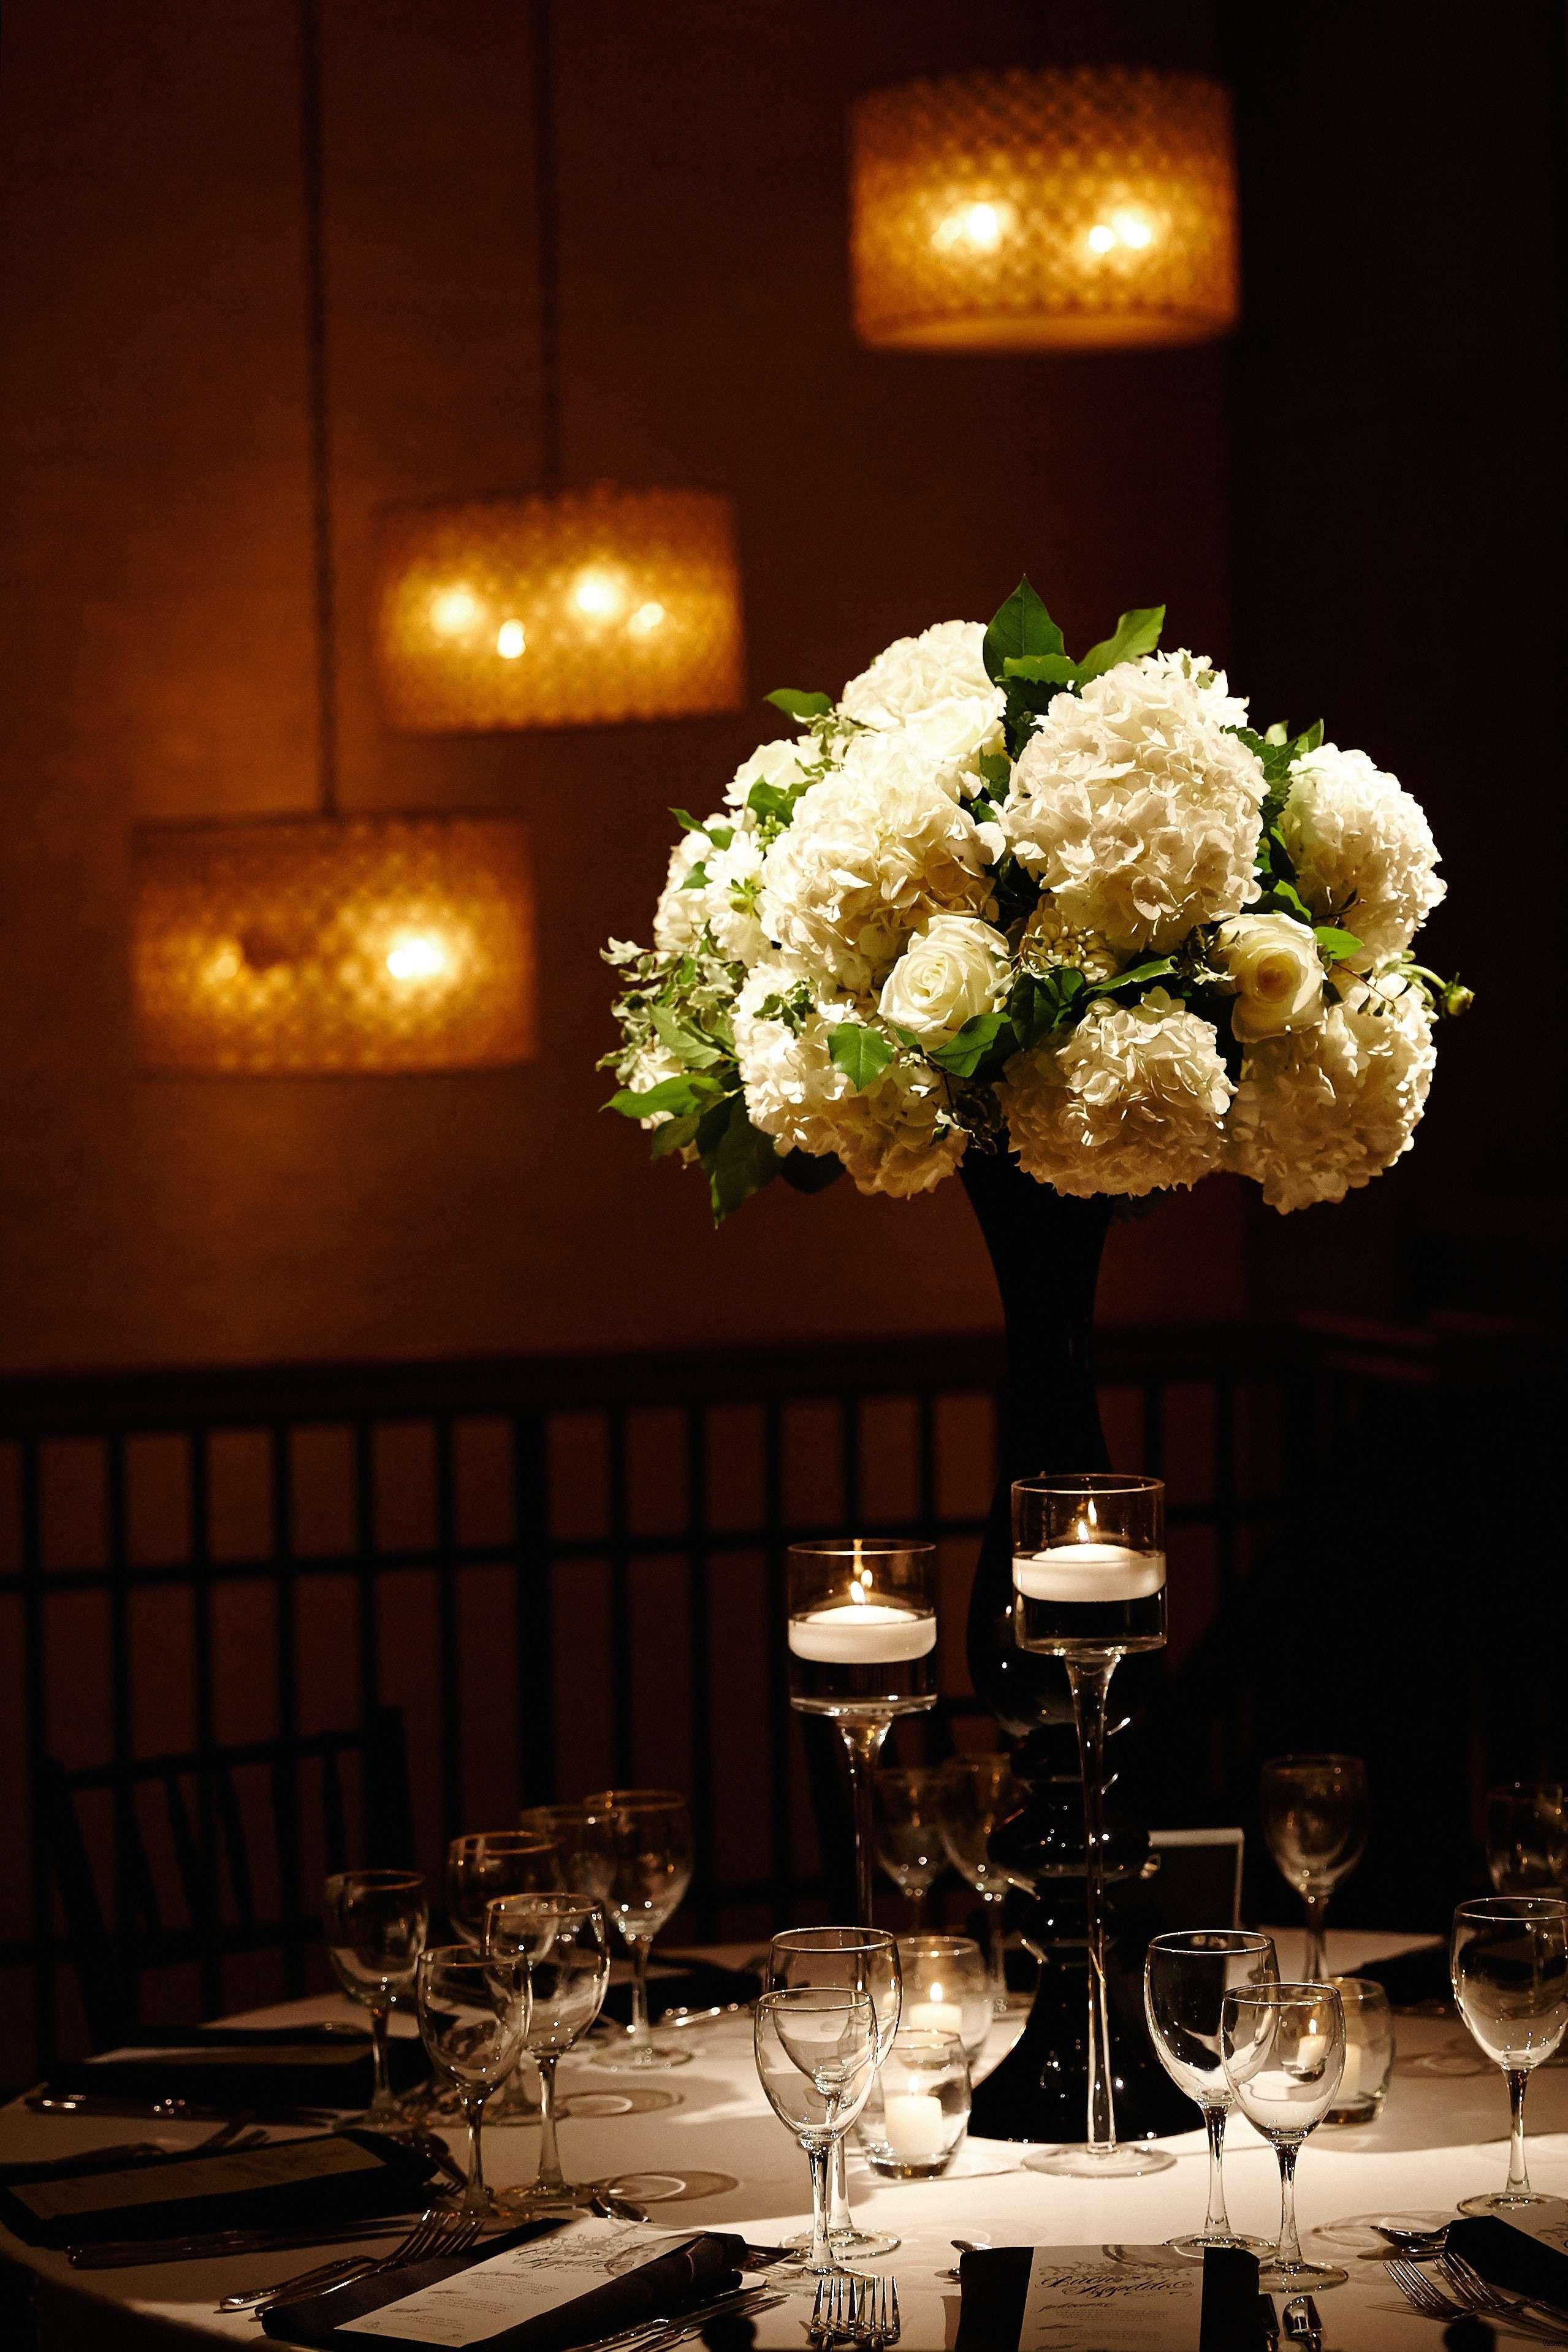 plastic flowers in vase of 10 best of small white flower vase bogekompresorturkiye com regarding il fullxfull h vases black vase white flowers zoomi 0d with design design ideas vase